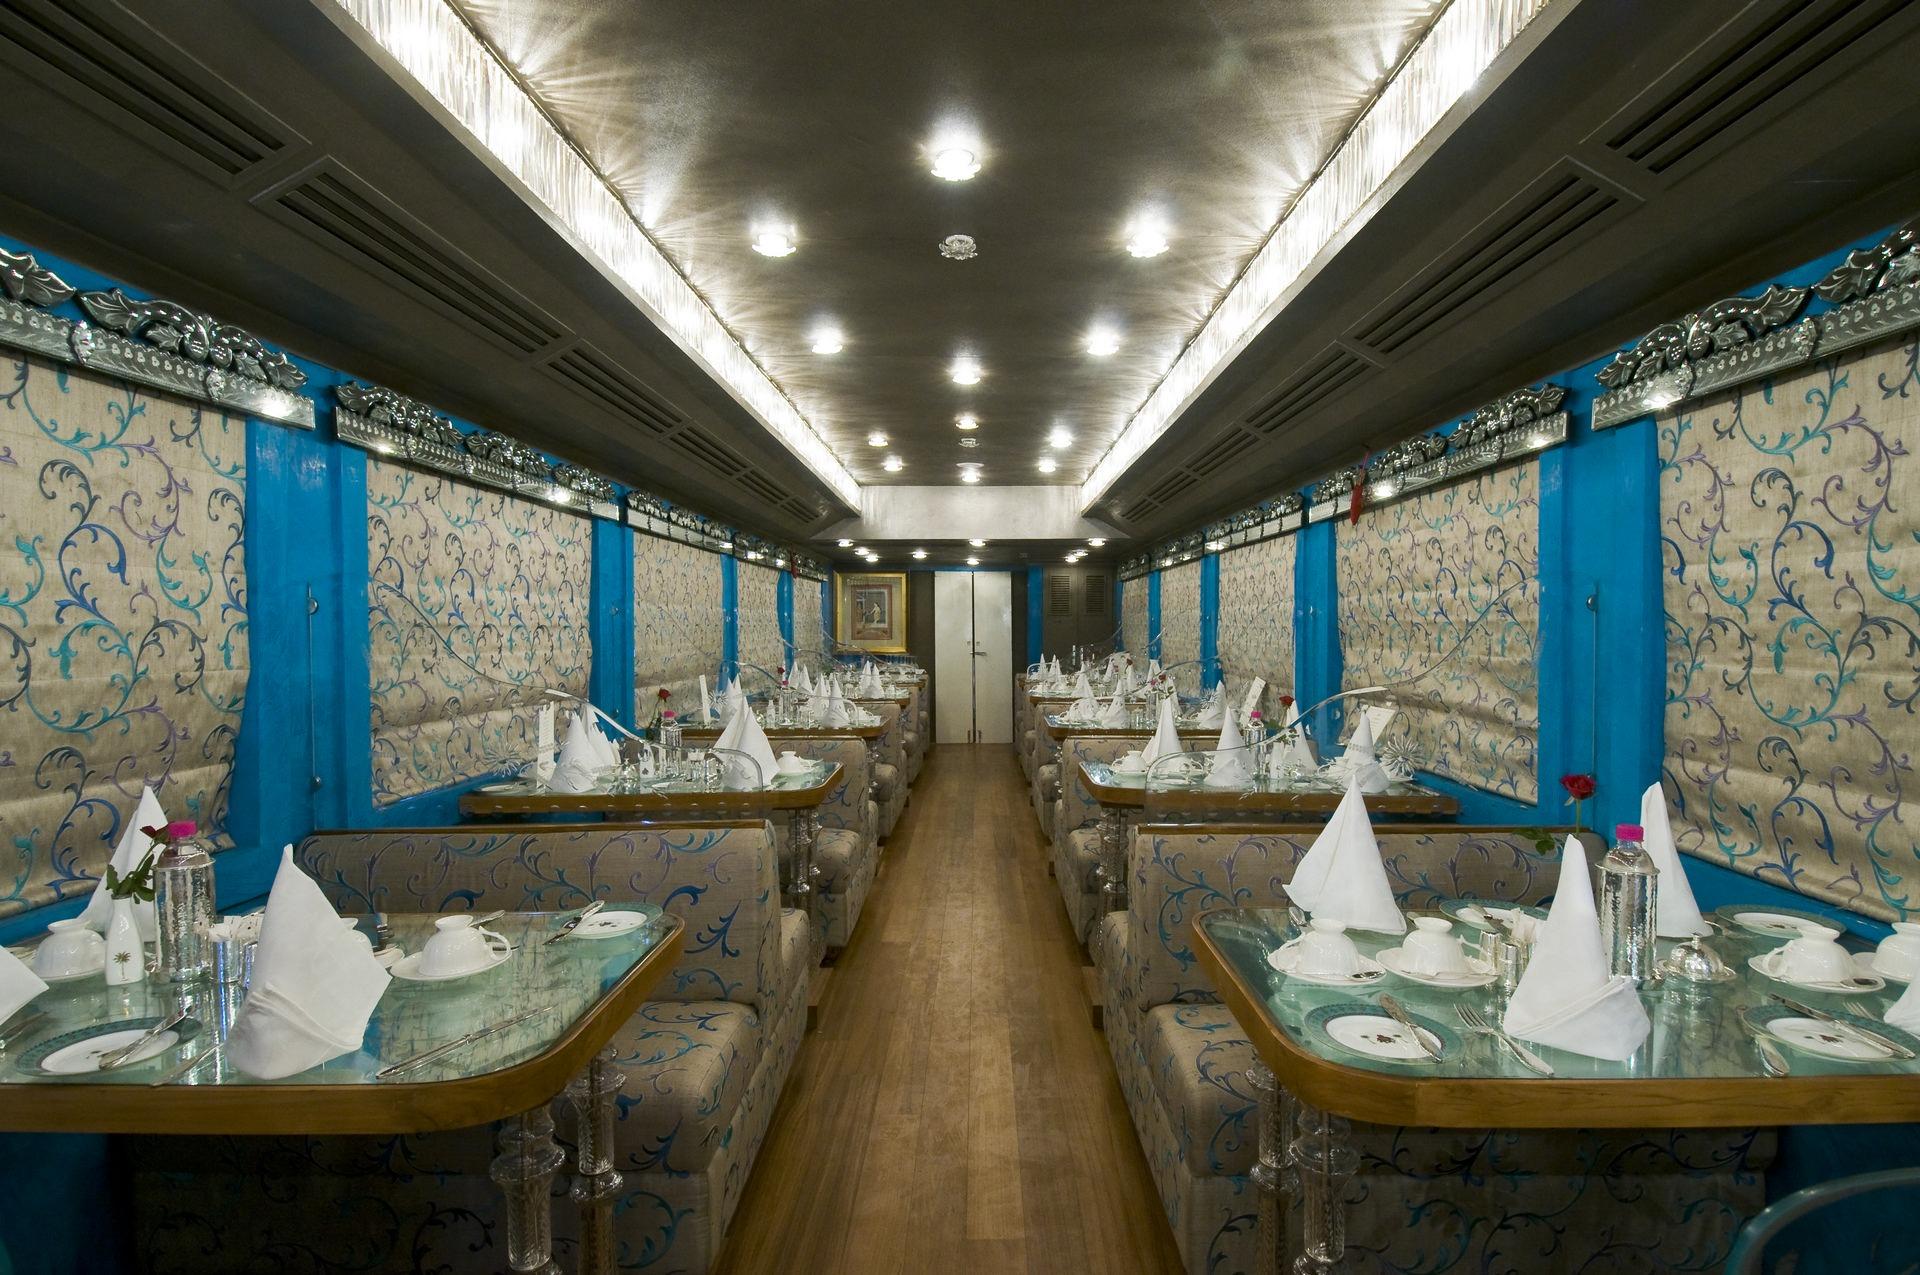 NOMAD-luksusowe-pociągi-Royal-Rajasthan-on-wheels-Indie-12